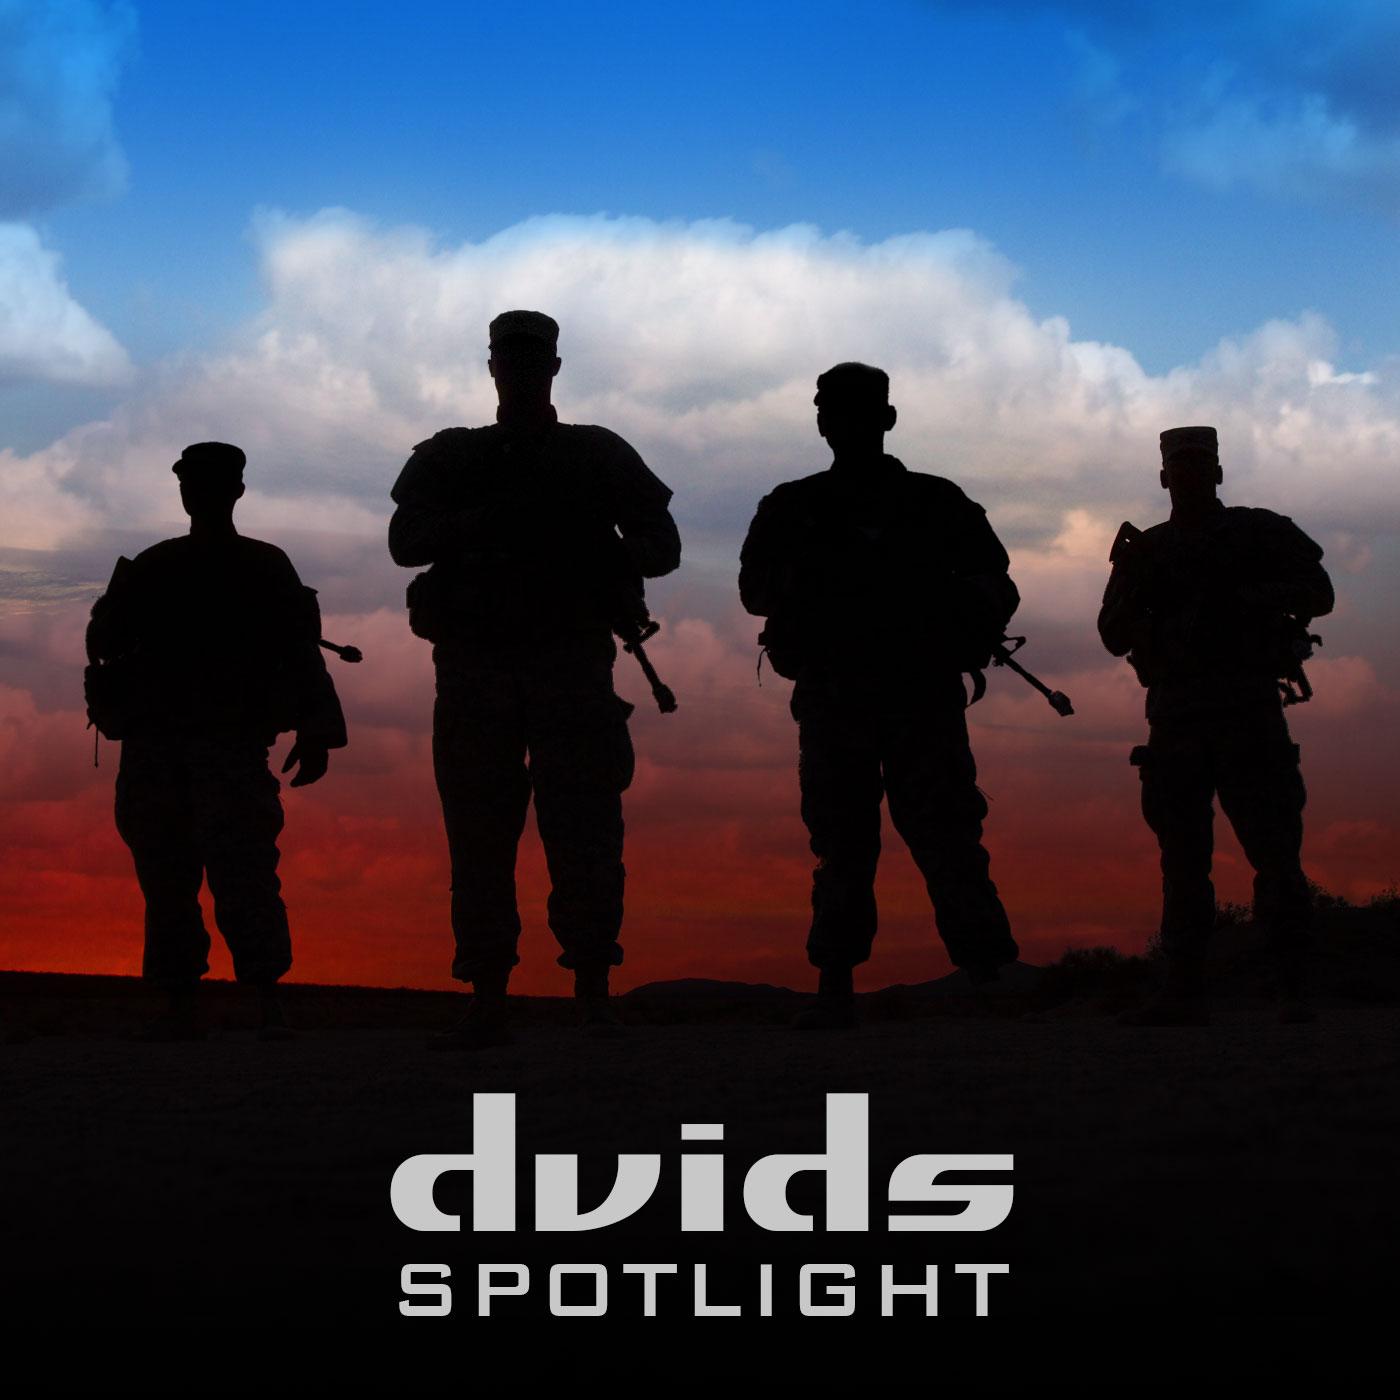 DVIDS Spotlight